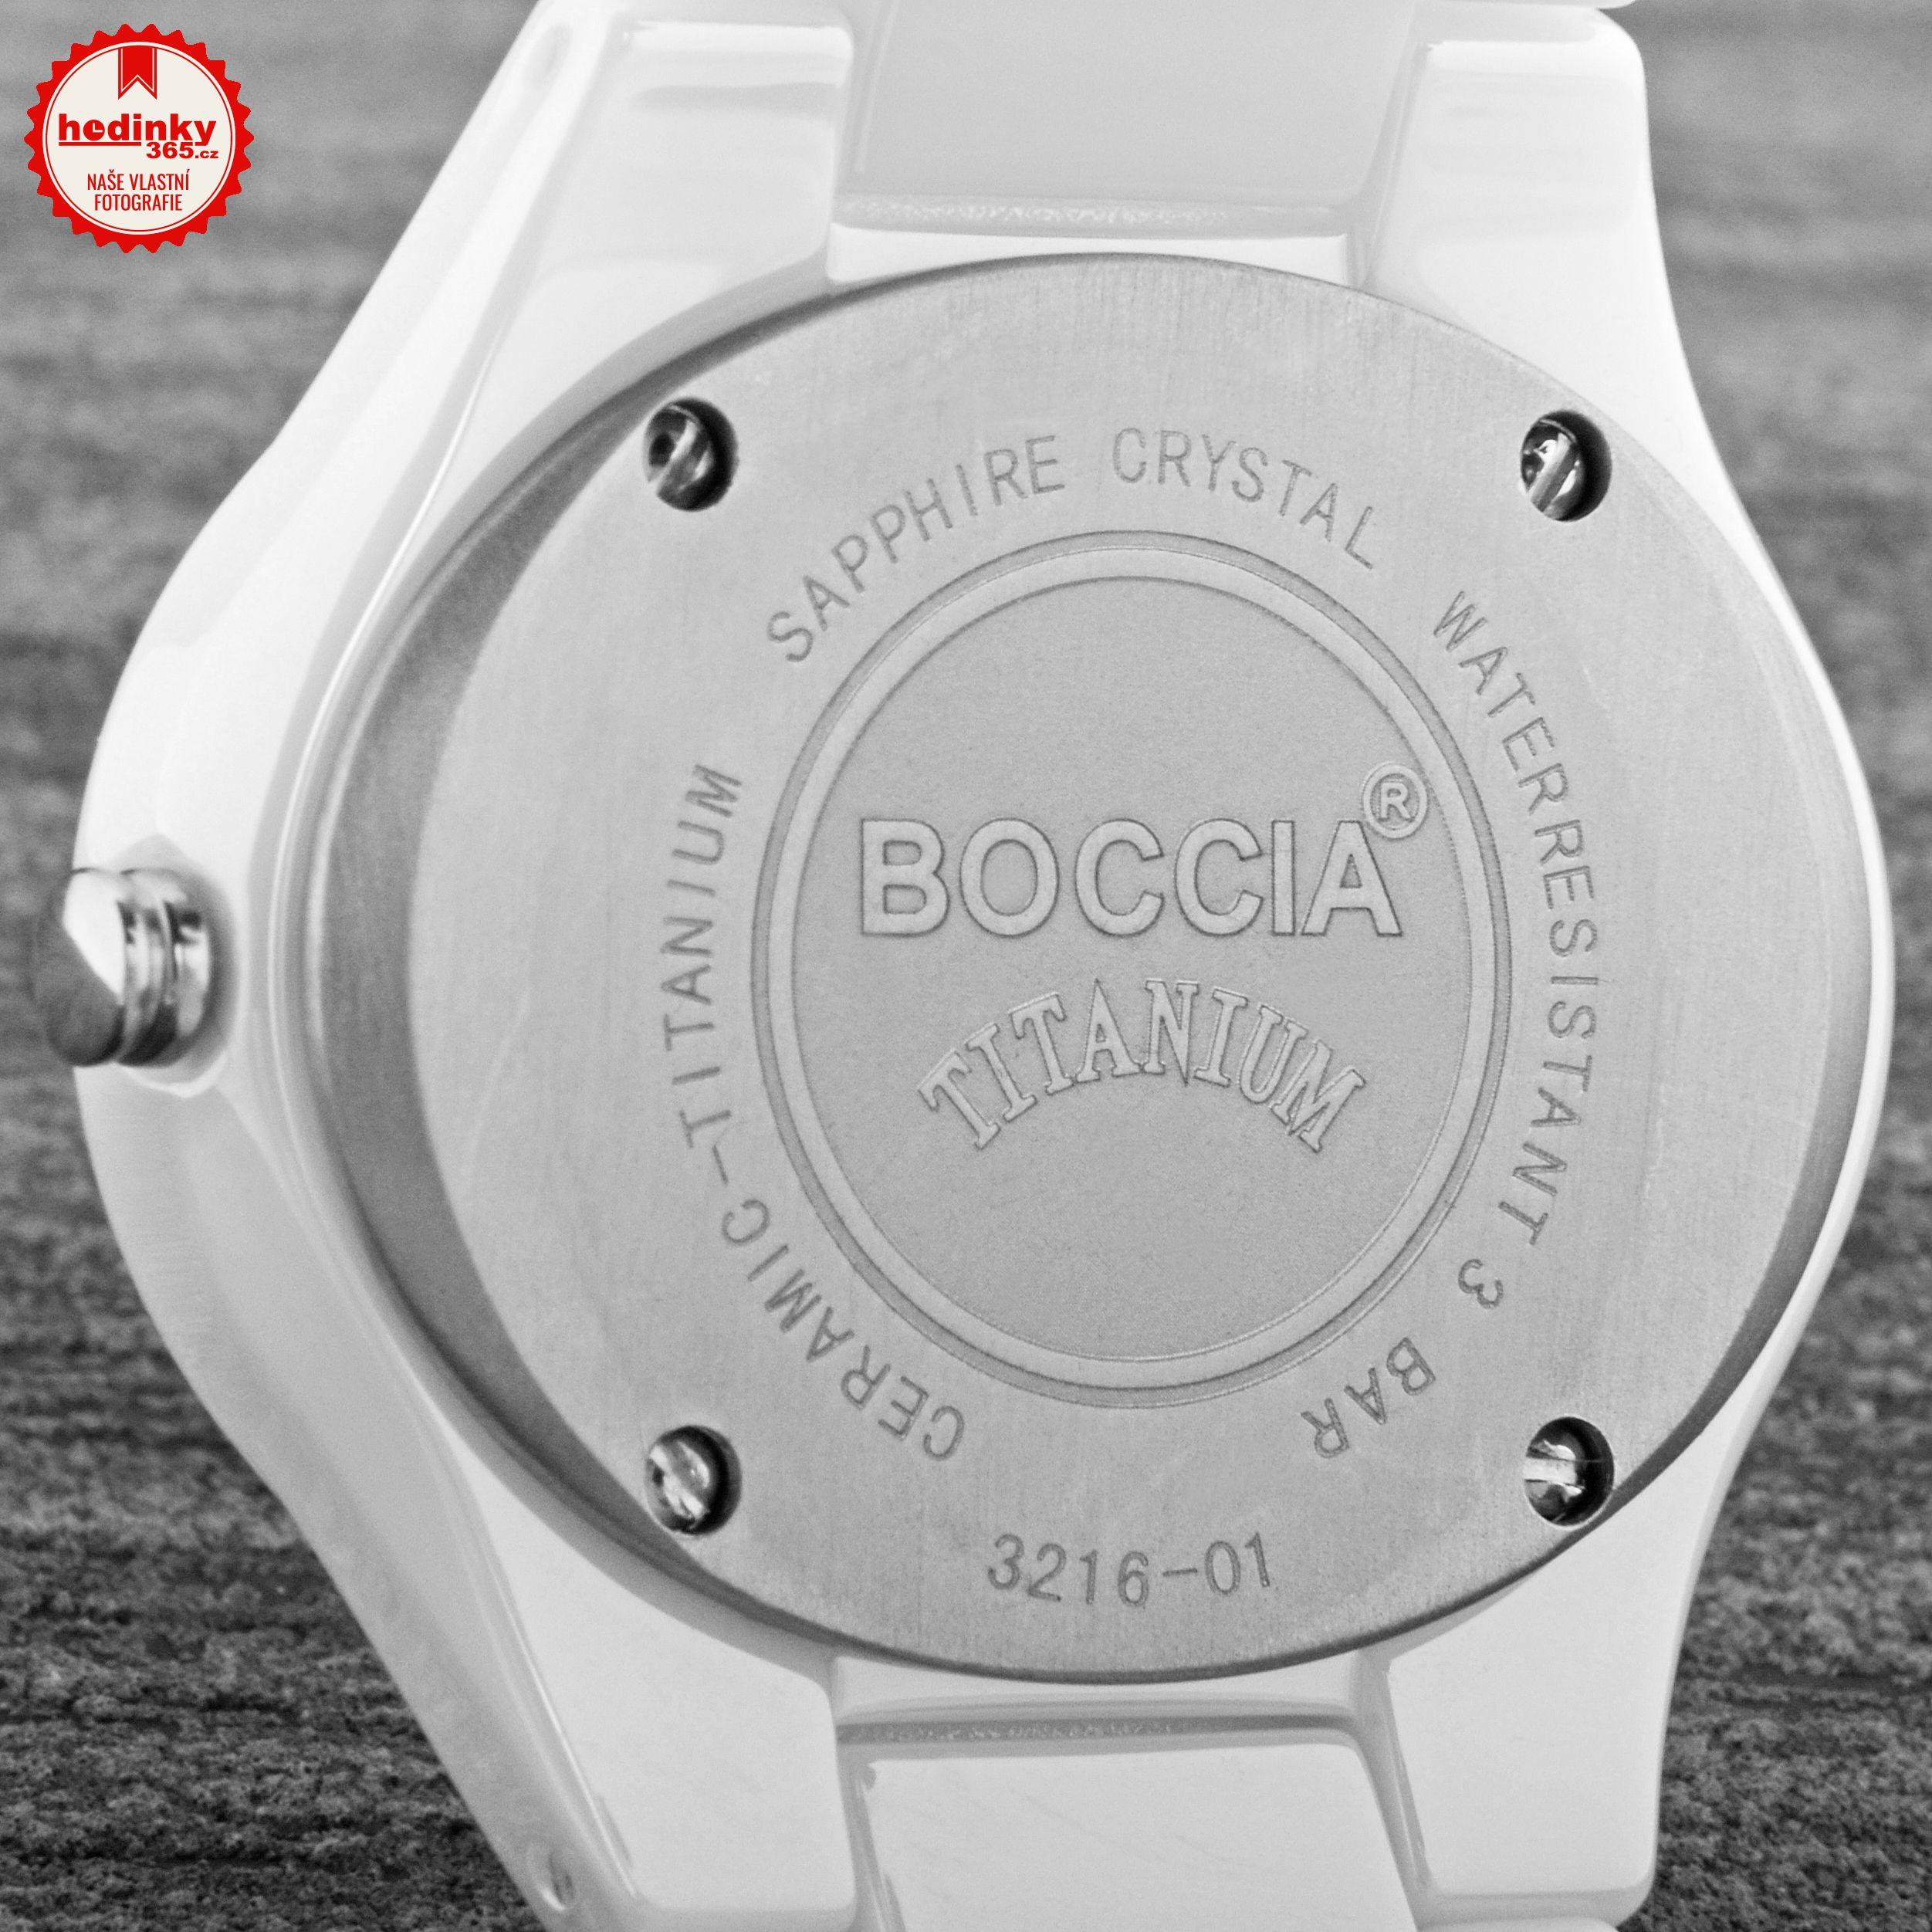 13c15f968ad Hodinky Boccia Titanium 3216-01